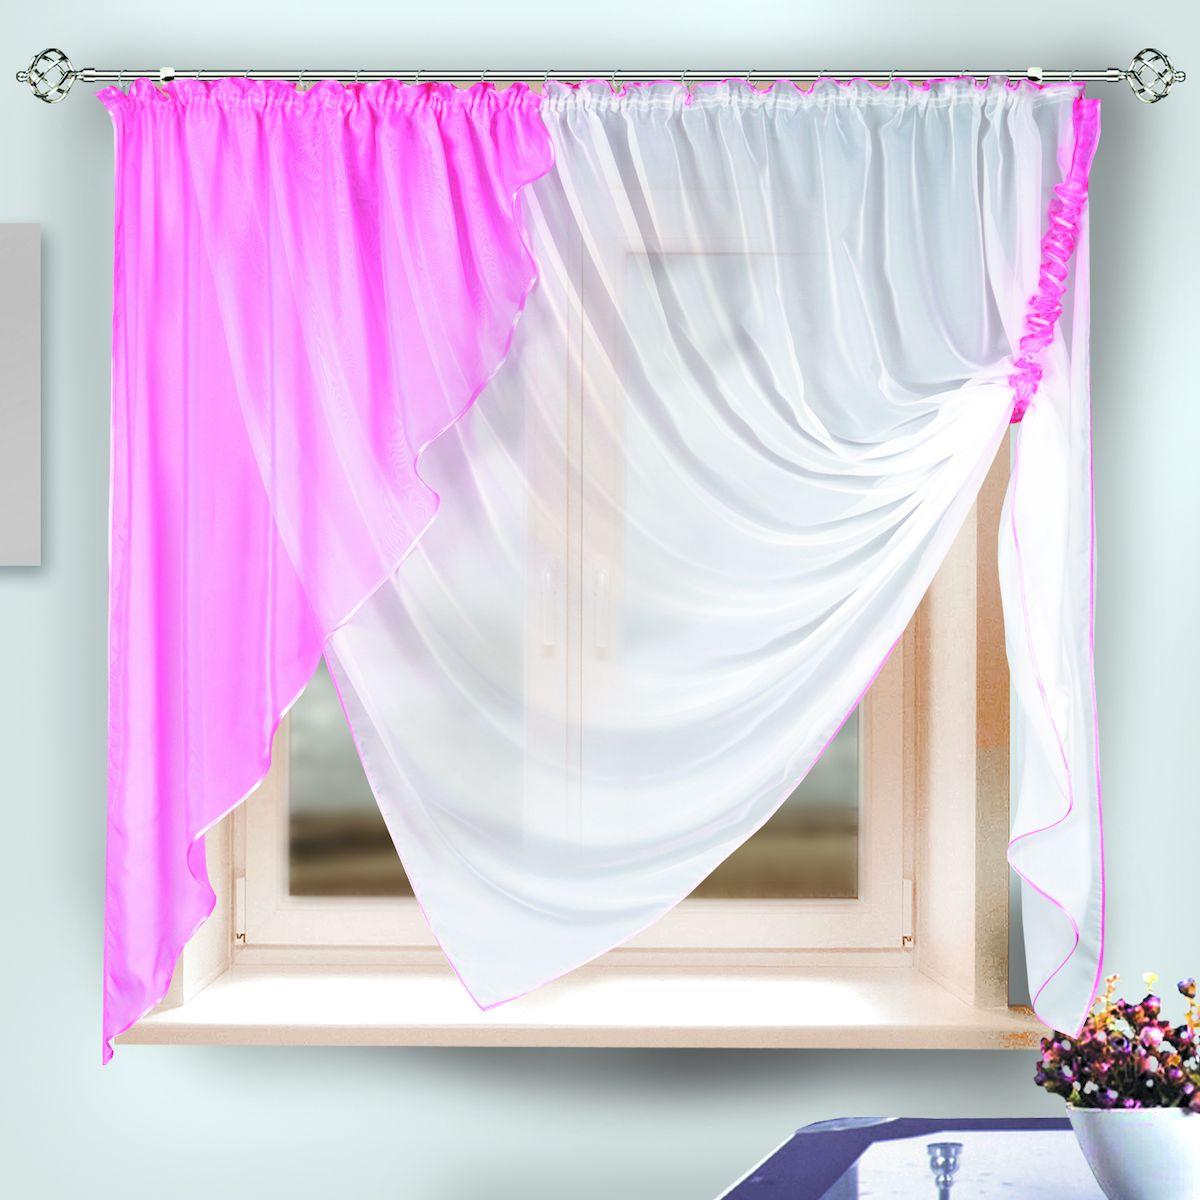 Комплект штор для кухни Zlata Korunka, на ленте, цвет: розовый, высота 170 см. 3333233332Комплект штор для кухни Zlata Korunka, выполненный из полиэстера, великолепно украсит любое окно. Комплект состоит из тюля, ламбрекена и подхвата. Оригинальный крой и приятная цветовая гамма привлекут к себе внимание и органично впишутся в интерьер помещения. Этот комплект будет долгое время радовать вас и вашу семью! Комплект крепится на карниз при помощи шторной ленты. В комплект входит: Тюль: 1 шт. Размер (Ш х В): 290 х 170 см. Ламбрекен: 1 шт. Размер (Ш х В): 145 х 165 см. Подхват: 1 шт.